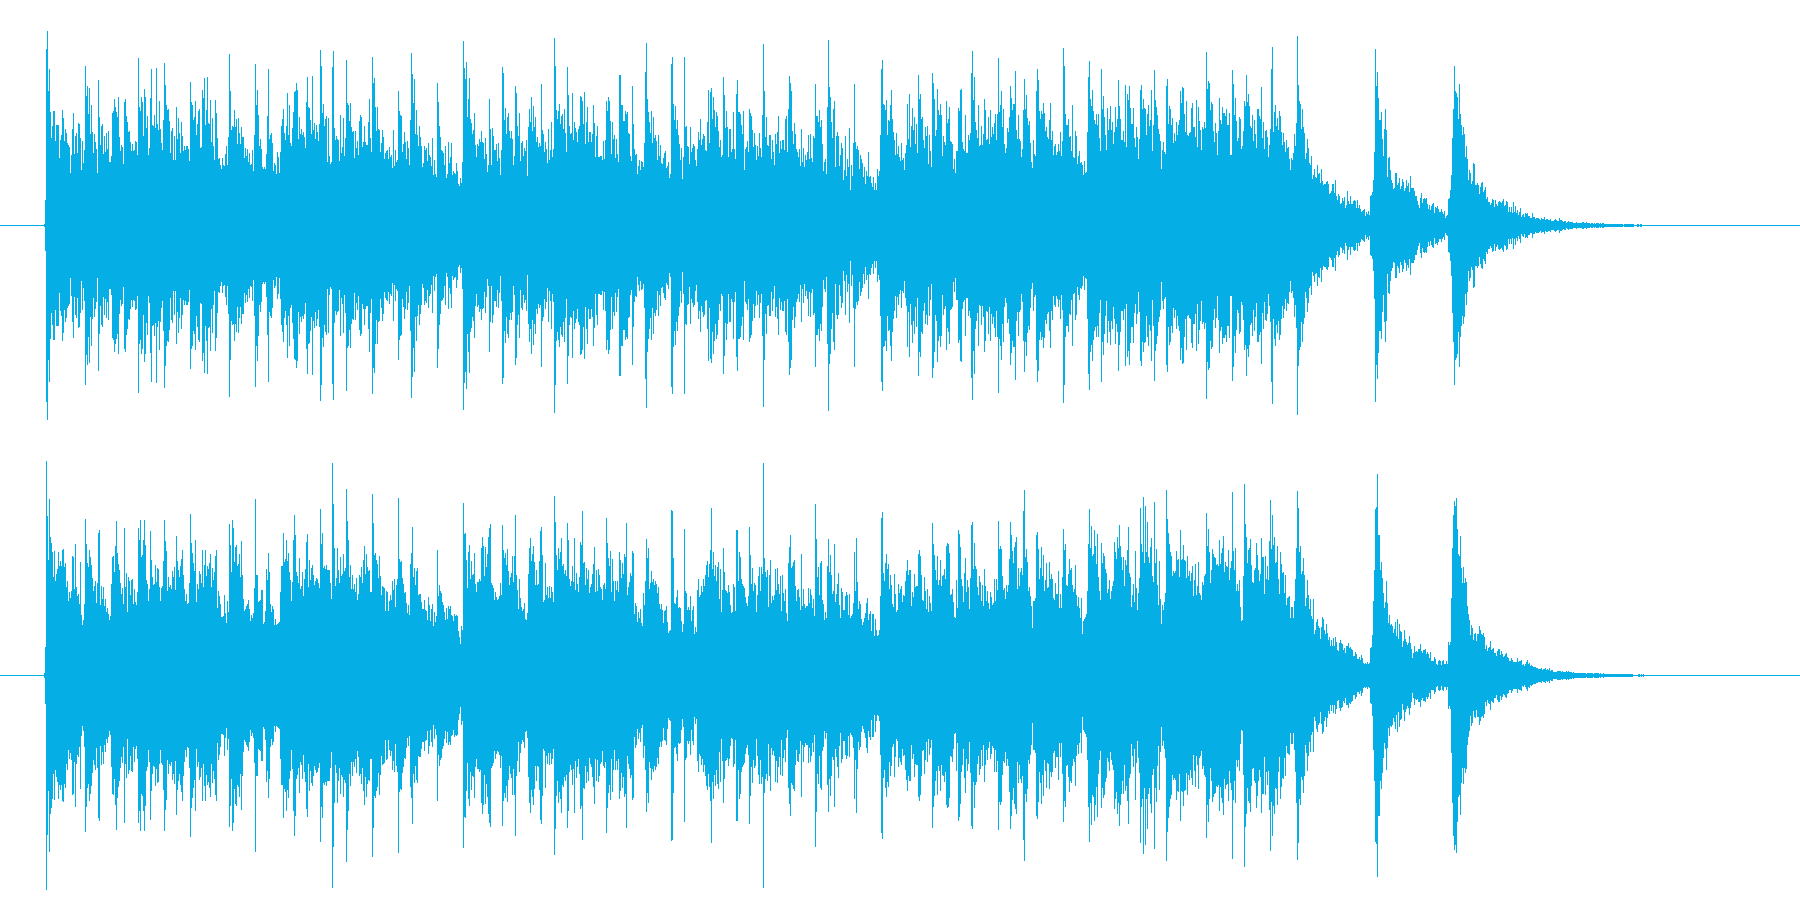 激しくワクワク感の和風シンセサウンド短めの再生済みの波形